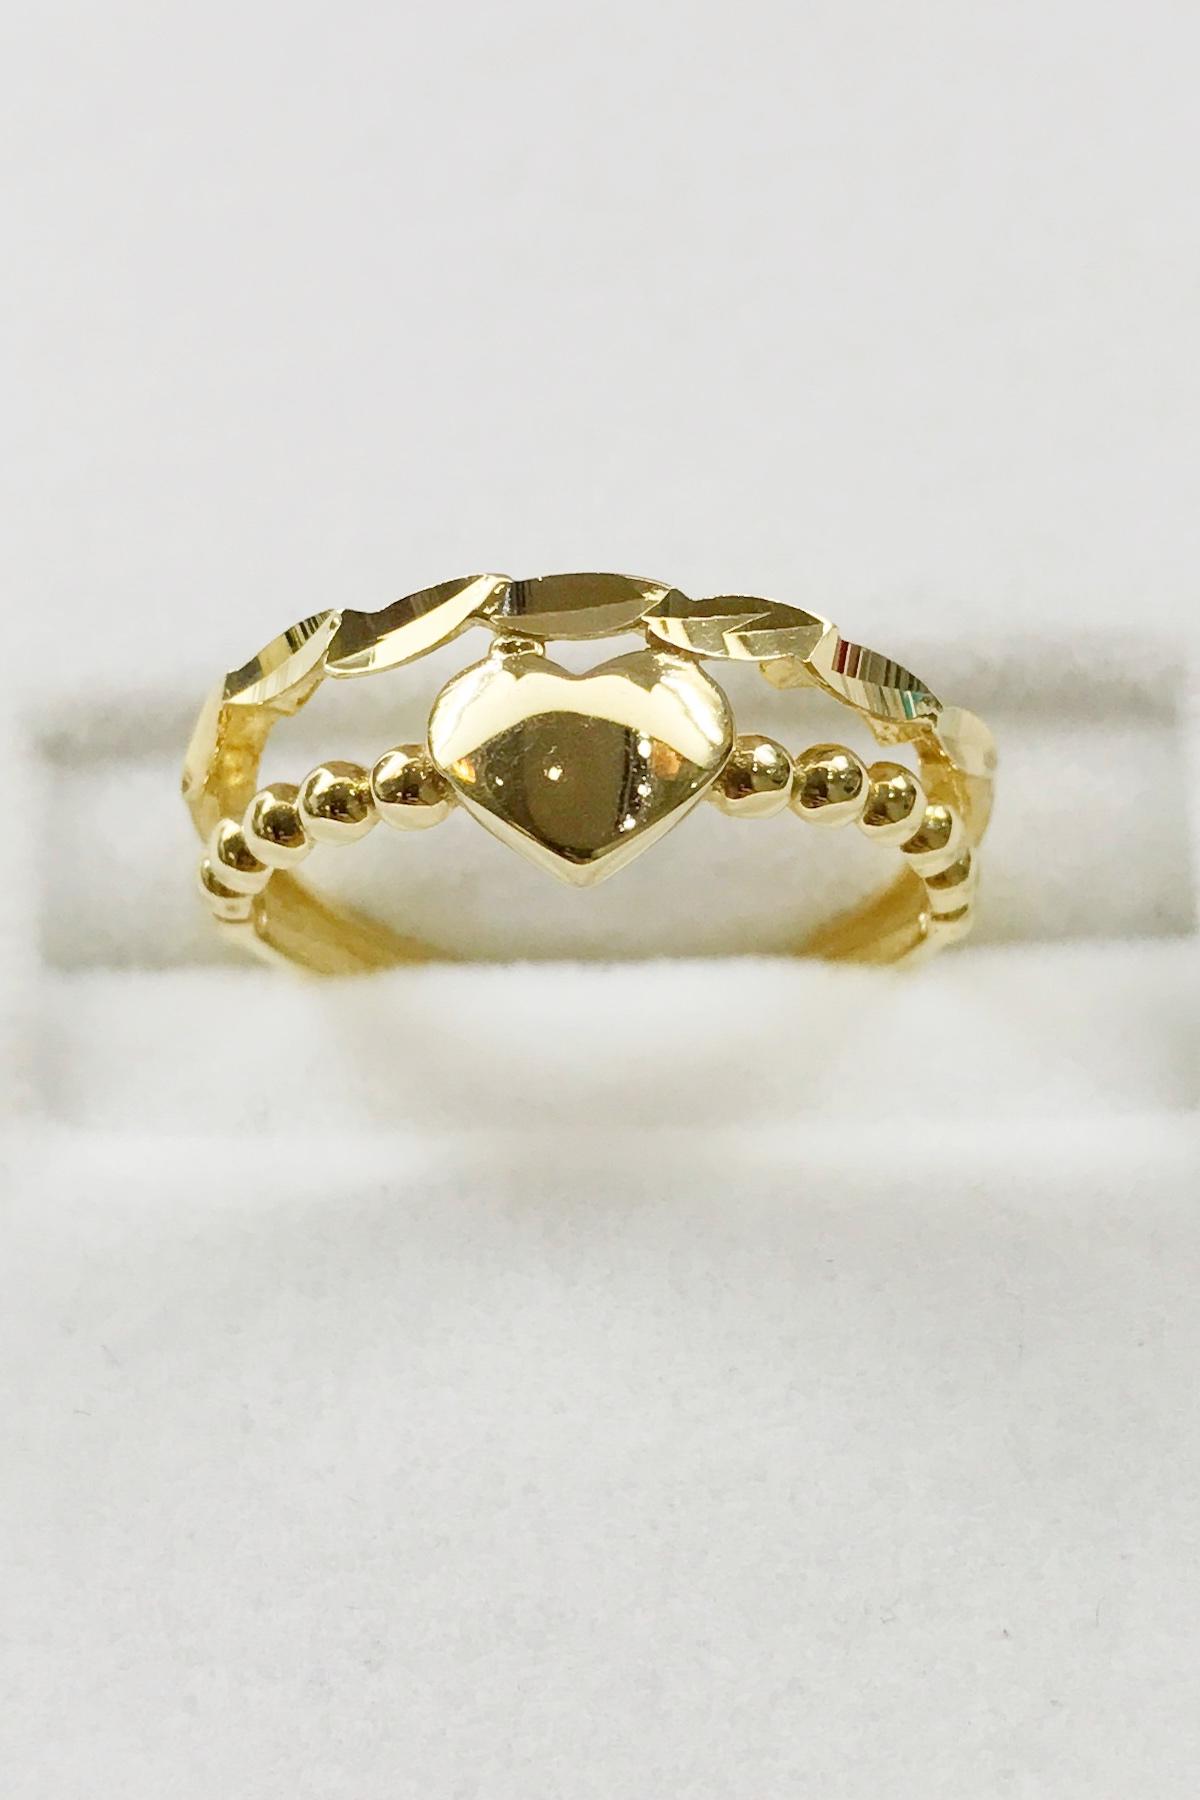 18k YELLOW GOLD WOMEN'S RING